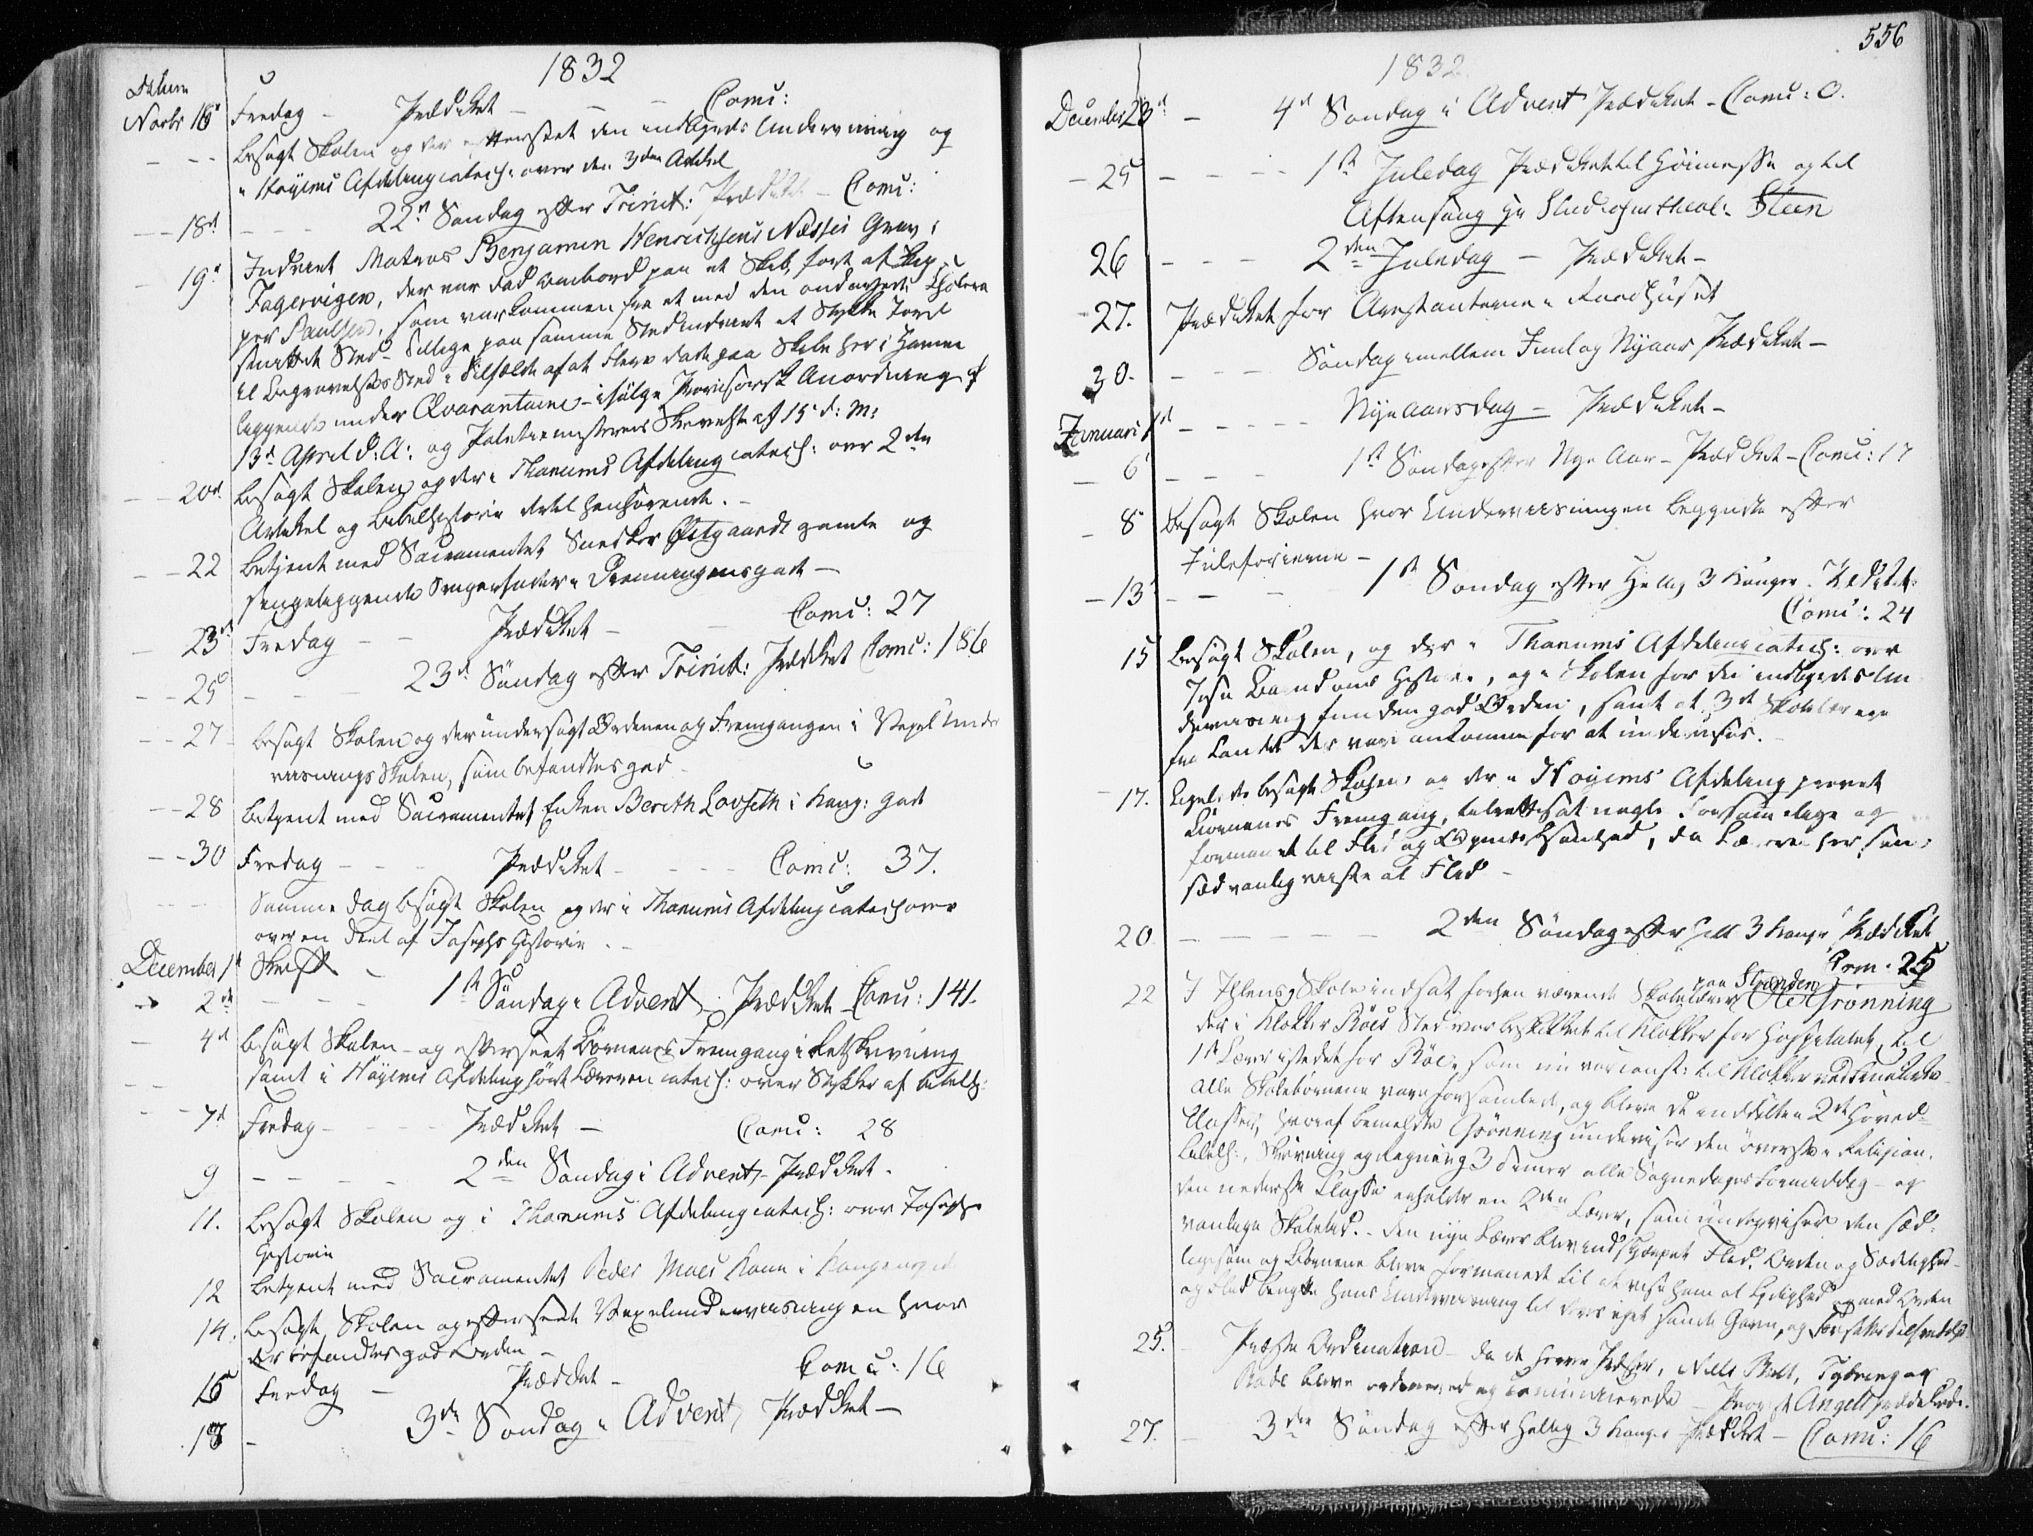 SAT, Ministerialprotokoller, klokkerbøker og fødselsregistre - Sør-Trøndelag, 601/L0047: Ministerialbok nr. 601A15, 1831-1839, s. 556